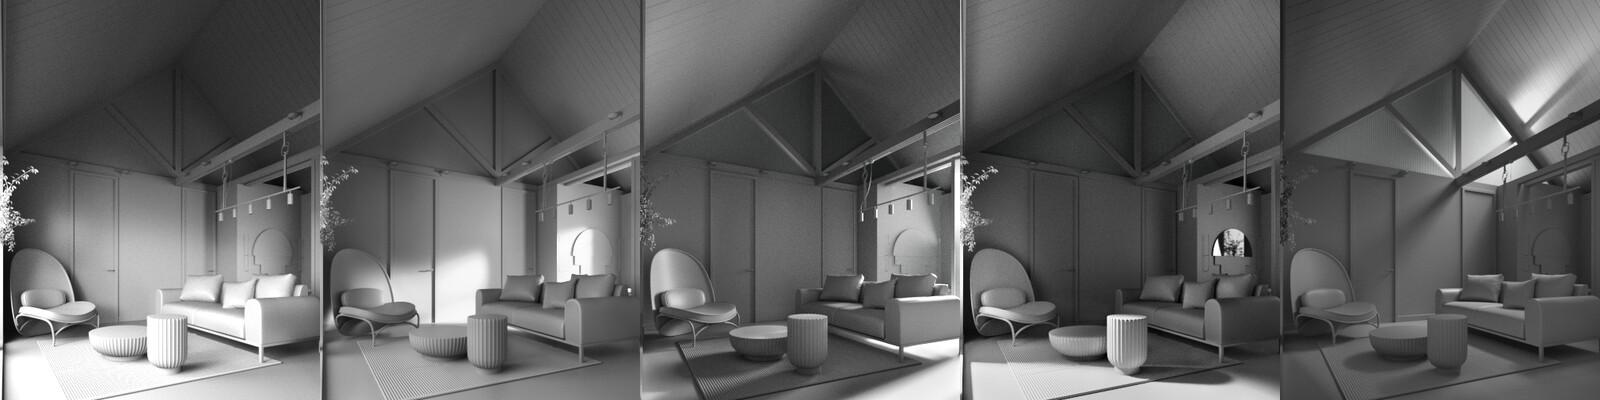 Interior light variations in 1 material